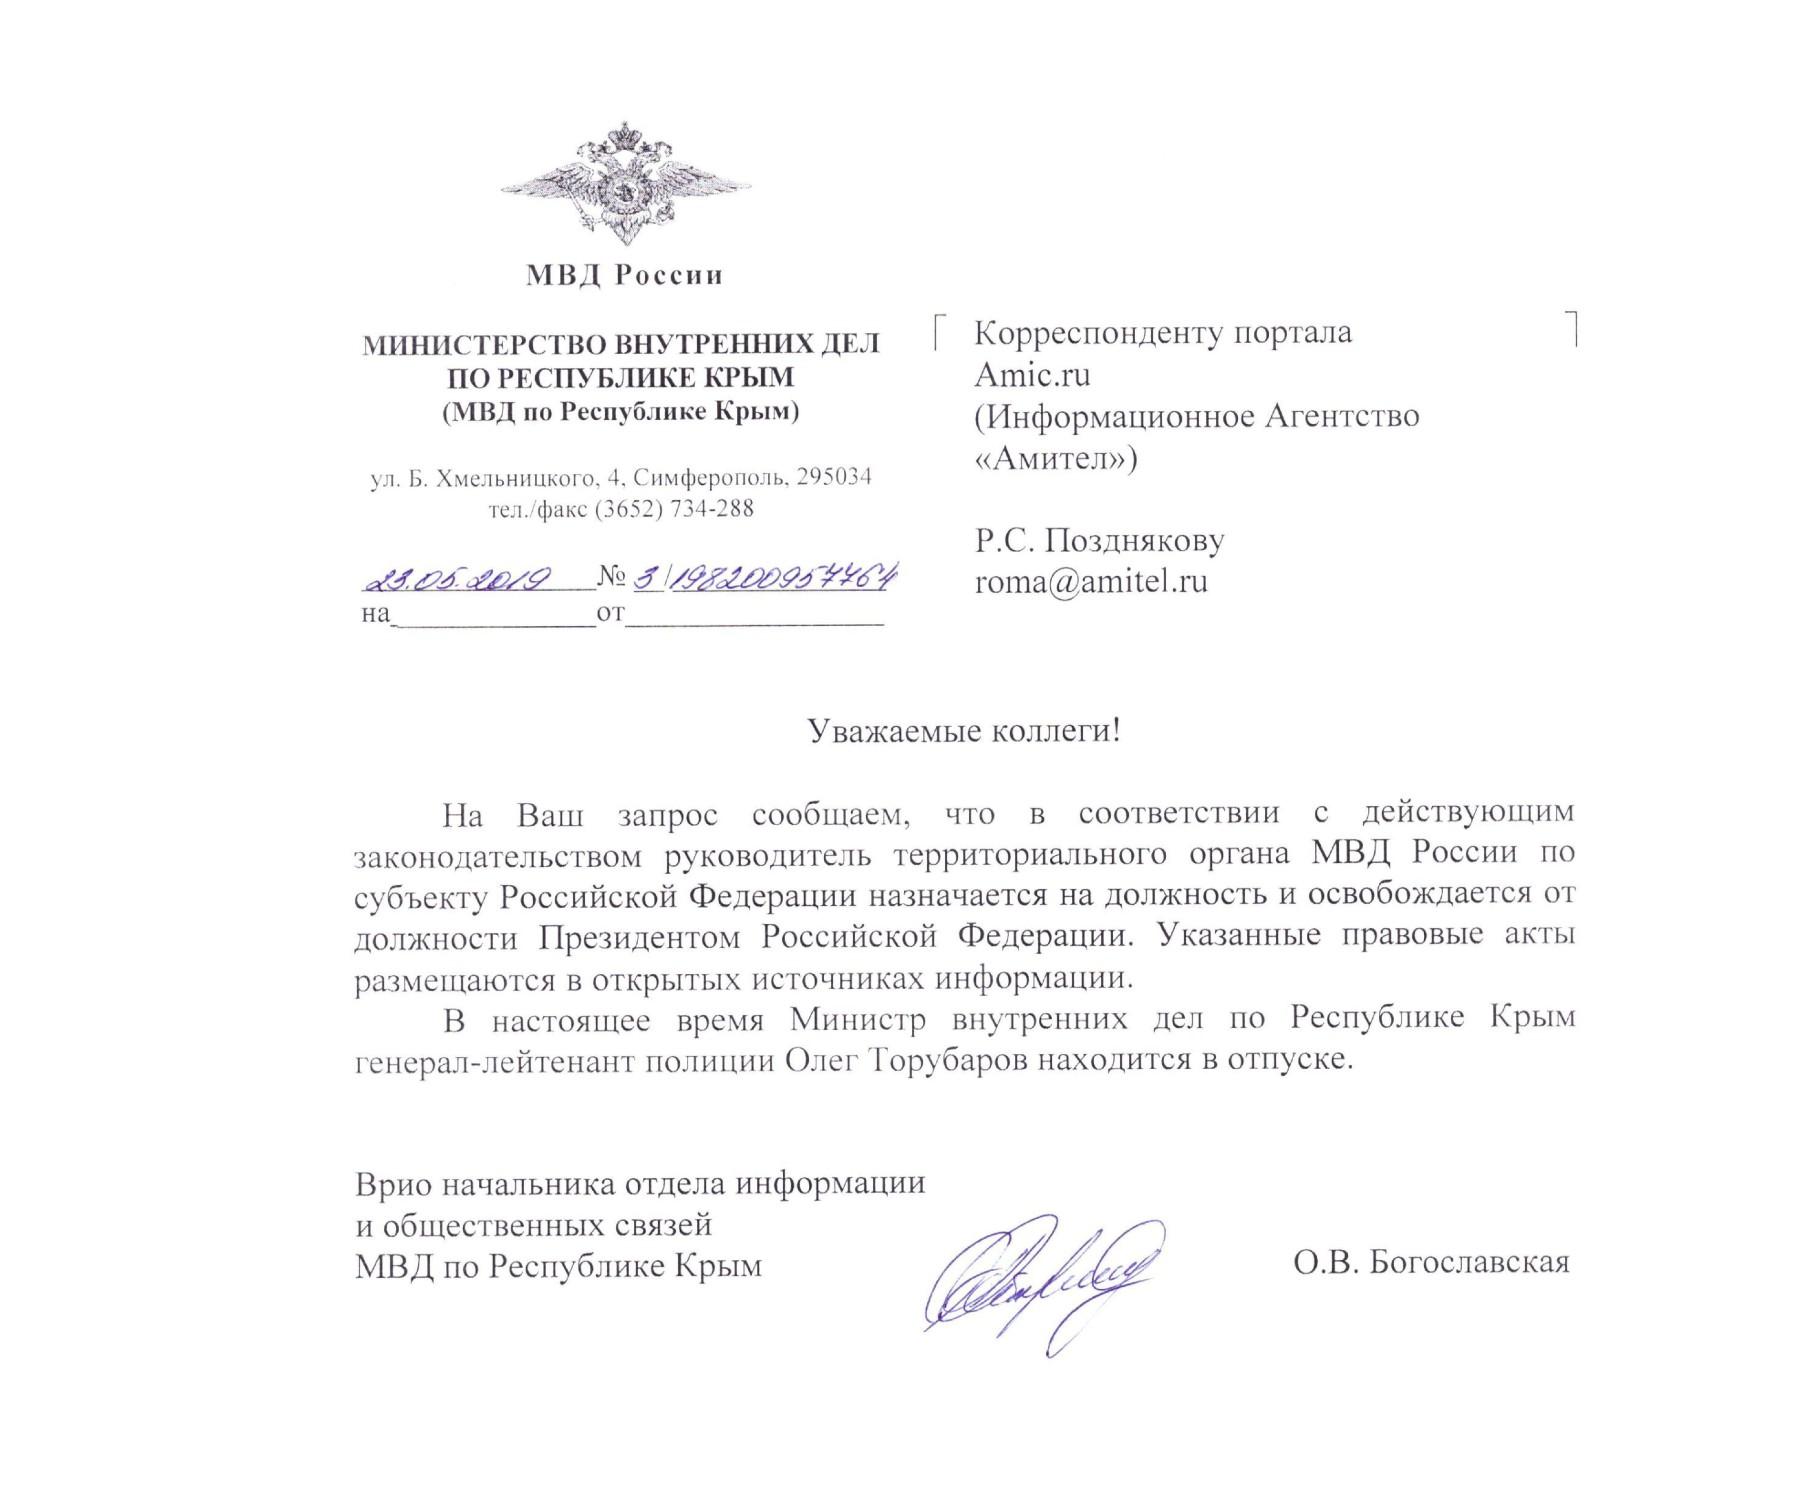 amic.ru: Ответ на запрос из МВД по Республике Крым